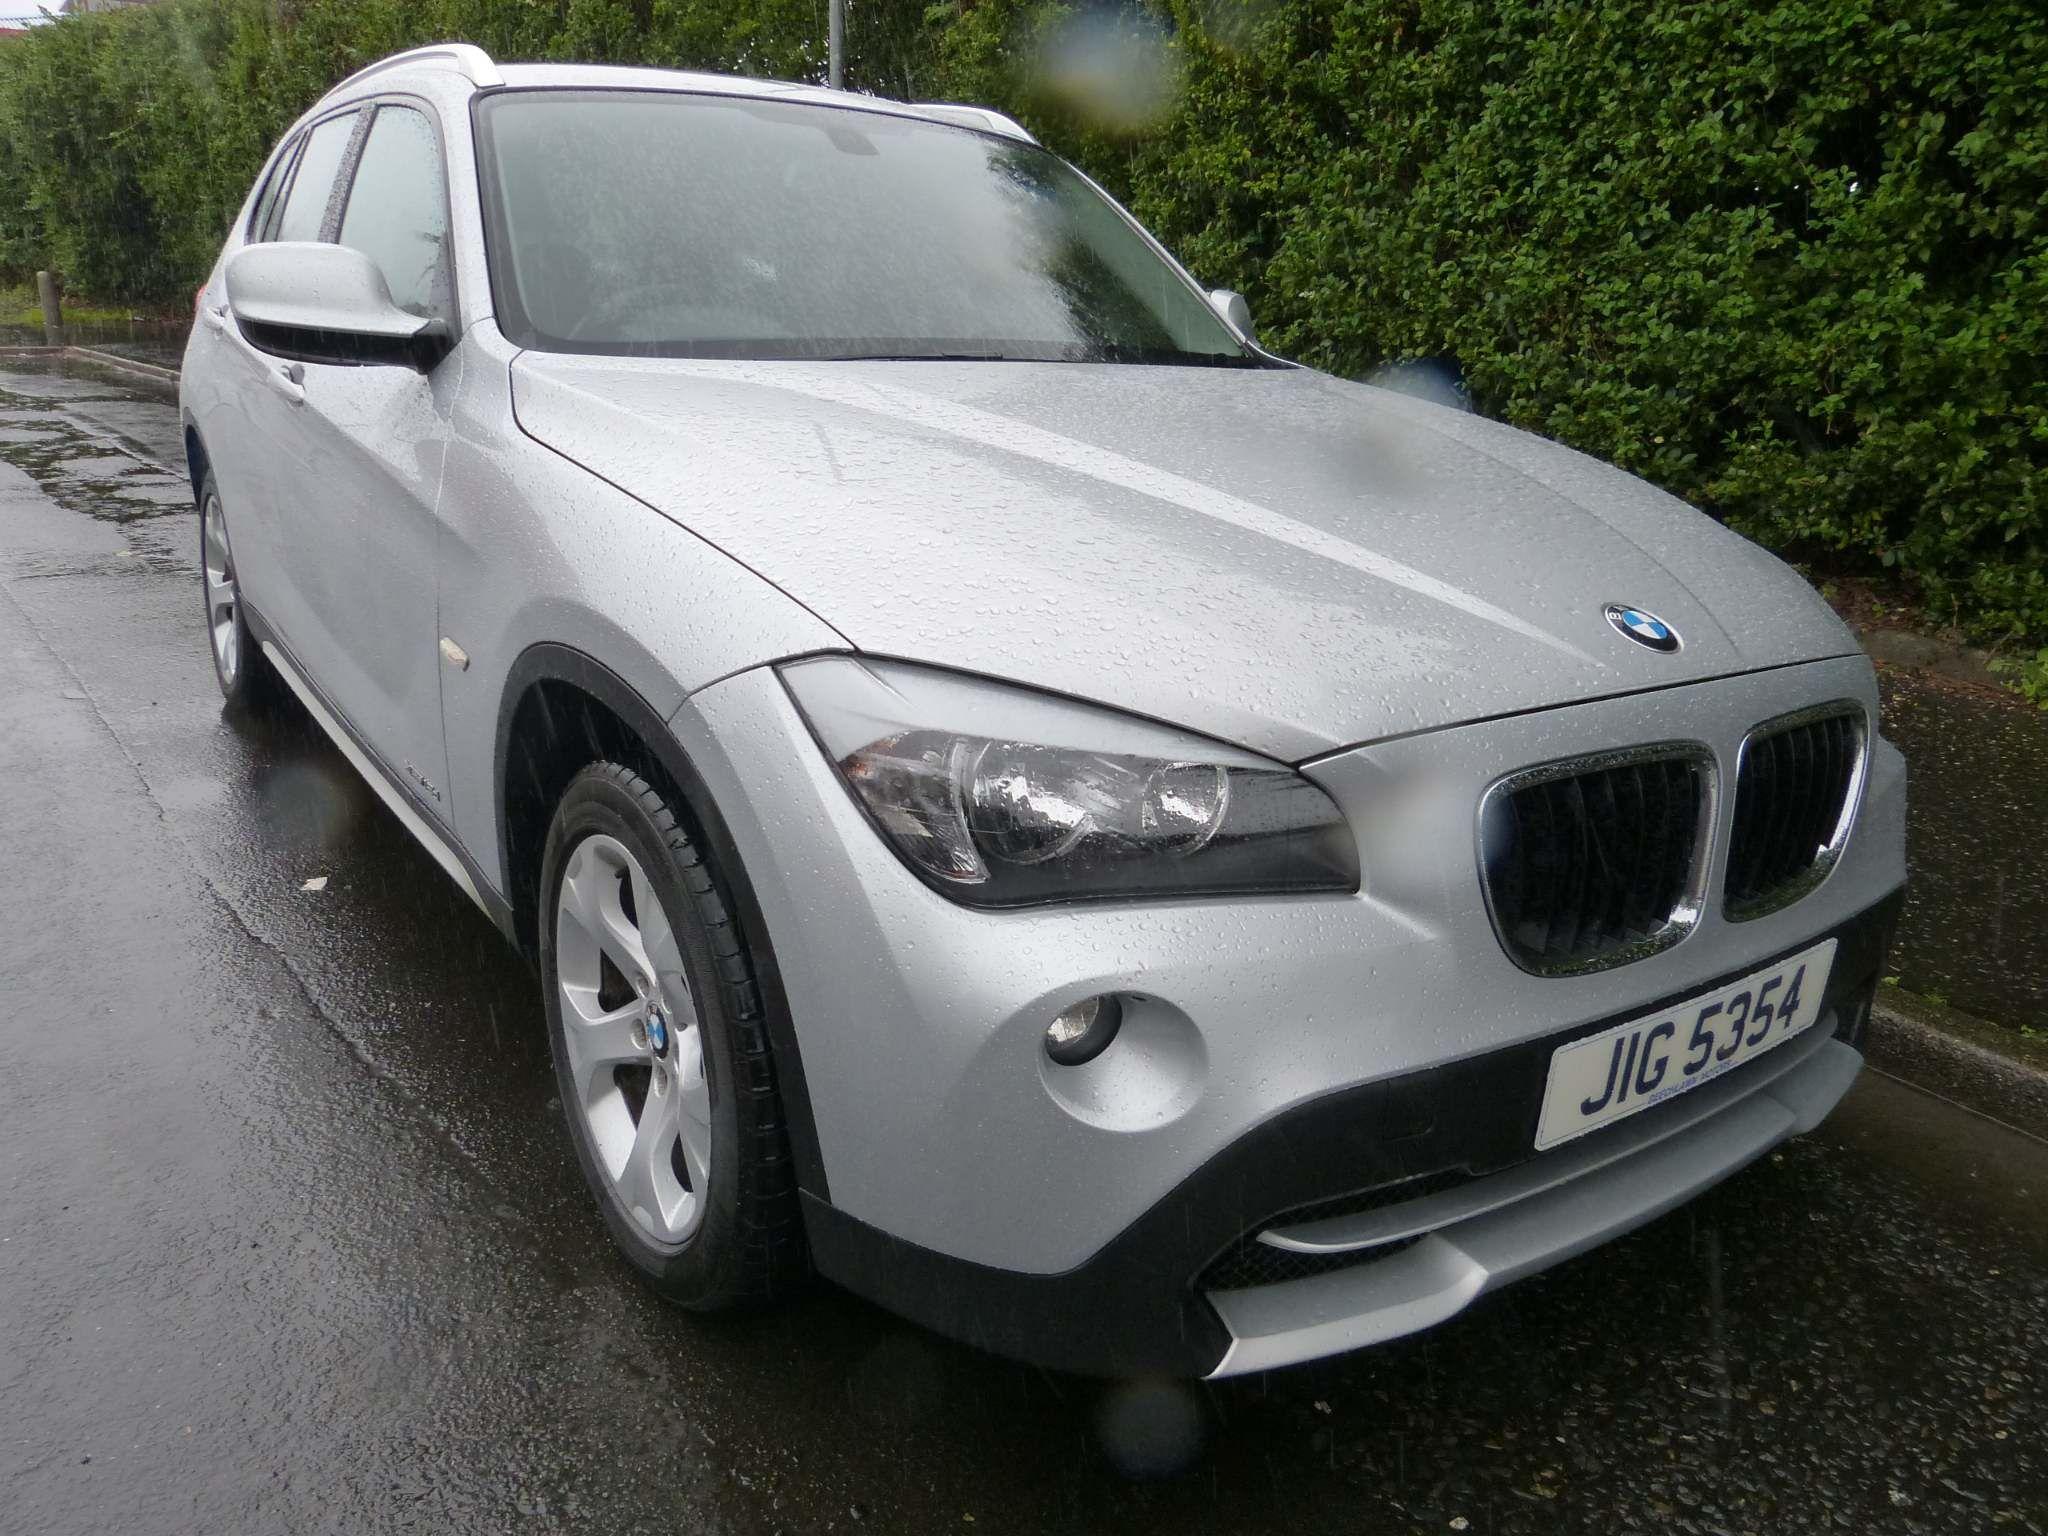 2011 BMW X1 2.0 18d SE xDrive Diesel Manual FSH – Beechlawn Motors Belfast